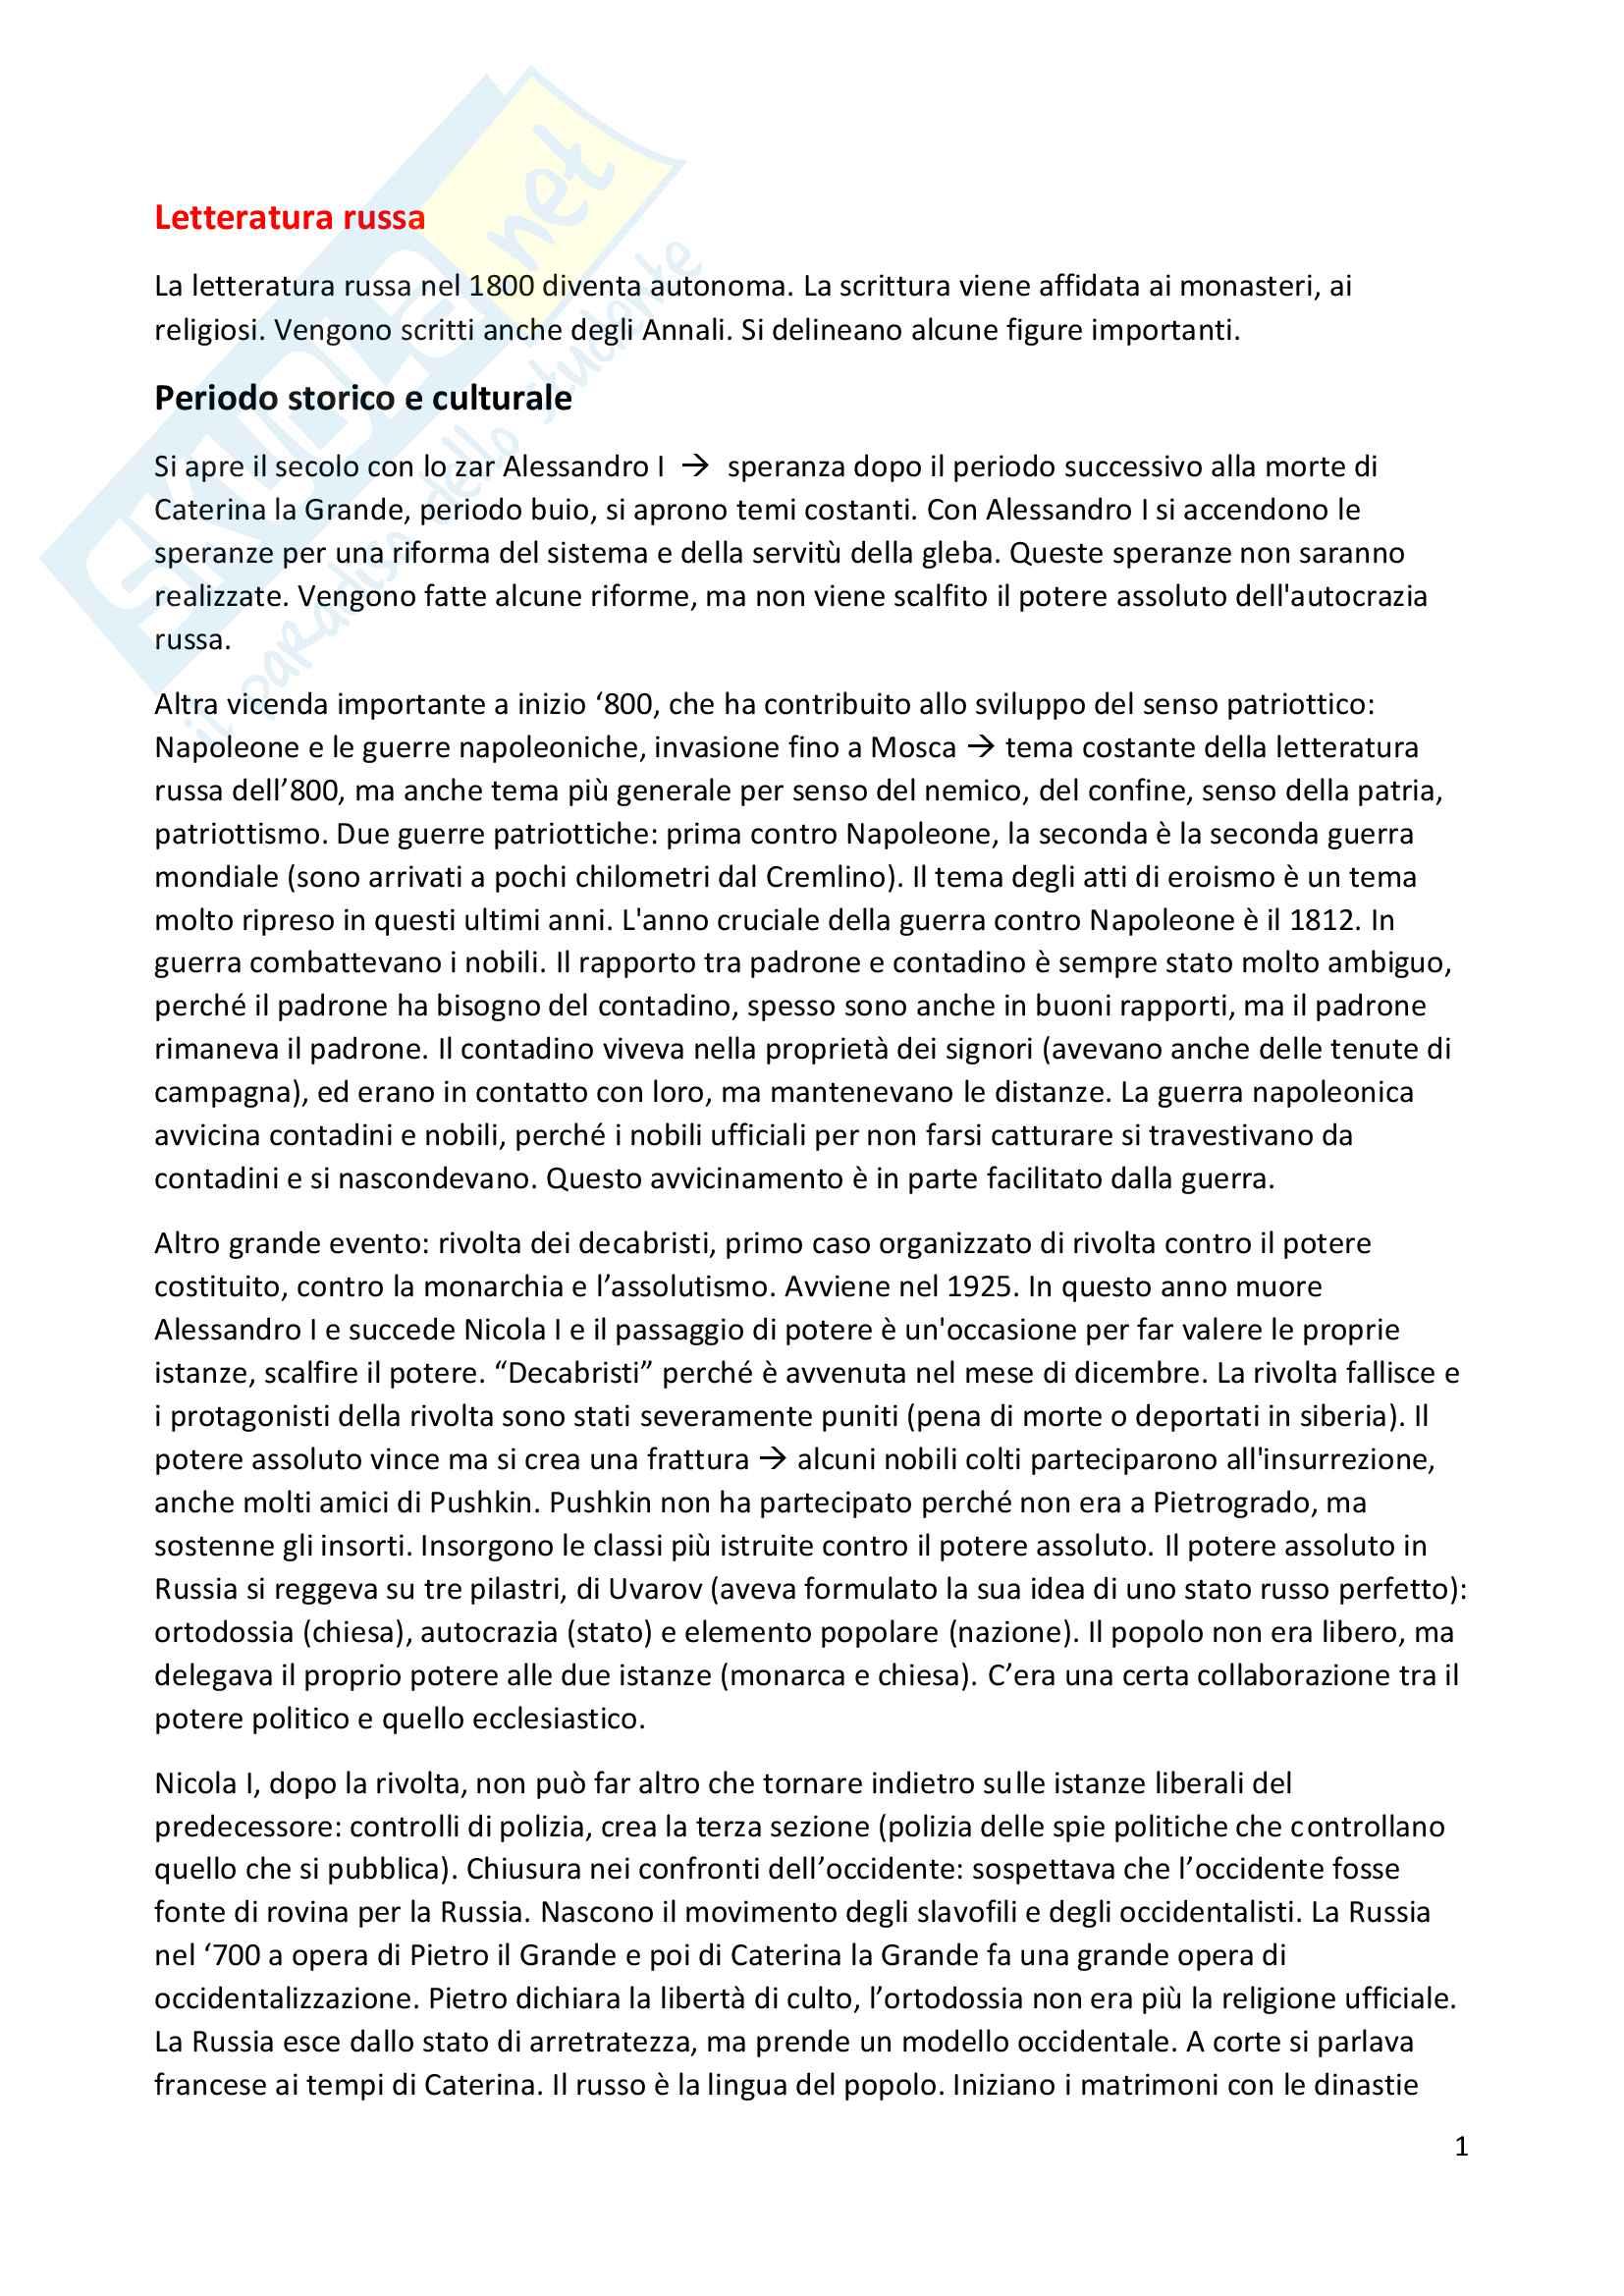 Appunti del corso di letteratura russa della prof. Elda Garetto